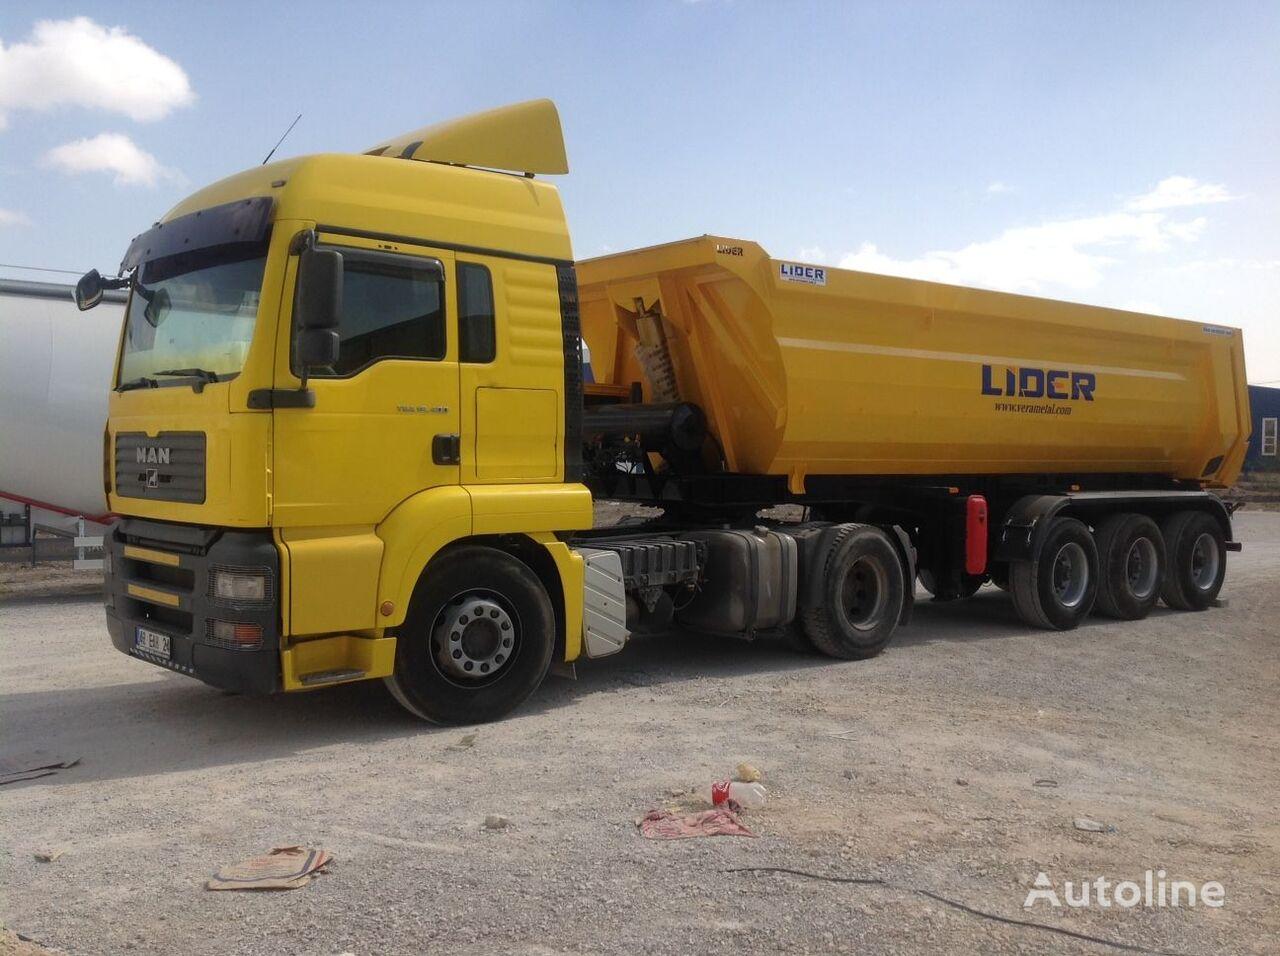 جديدة العربات نصف المقطورة شاحنة قلابة LIDER 2017 NEW DIRECTLY FROM MANUFACTURER COMPANY AVAILABLE IN STOCK